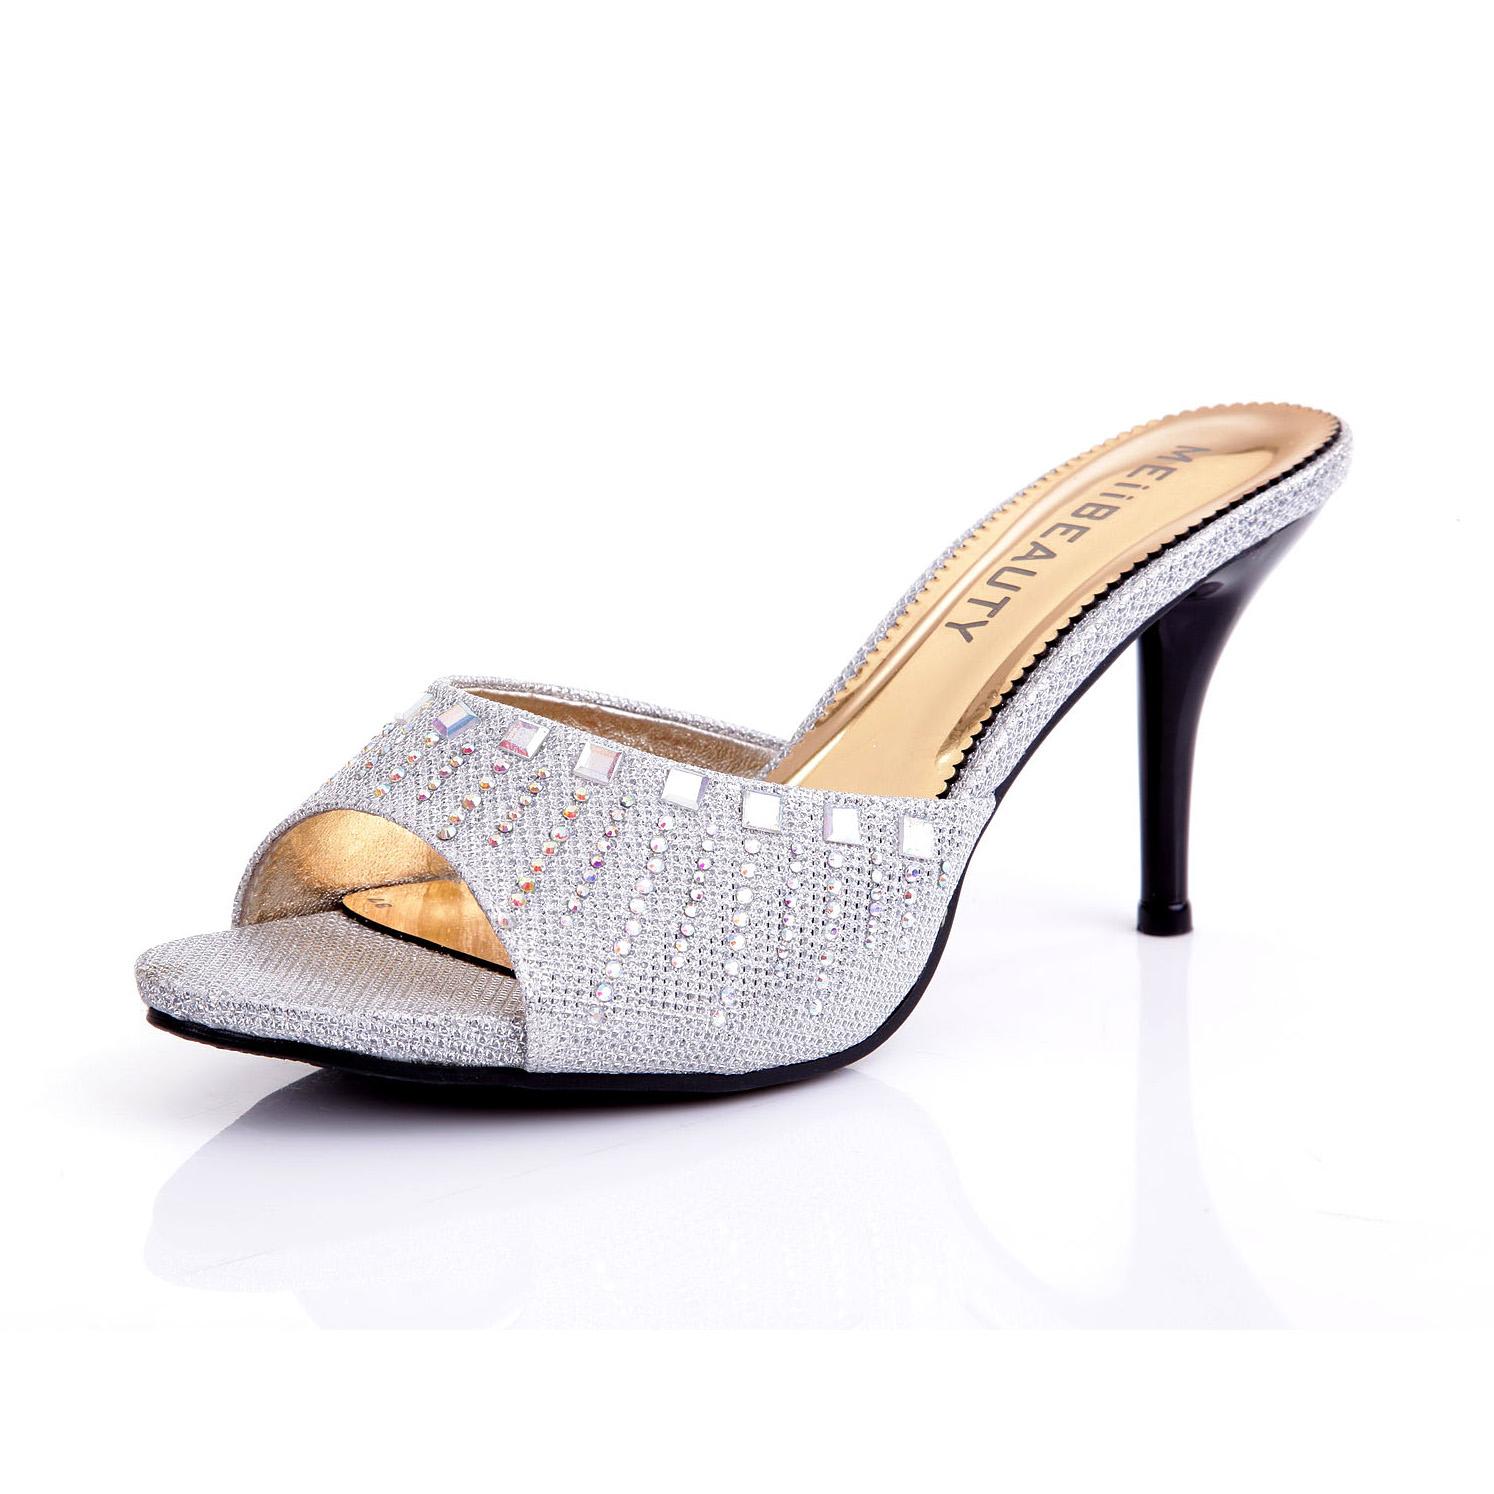 2013拖鞋新款潮女鱼嘴凉拖鞋 性感水钻高跟细跟女鞋子鞋托女夏鞋 价格:88.00